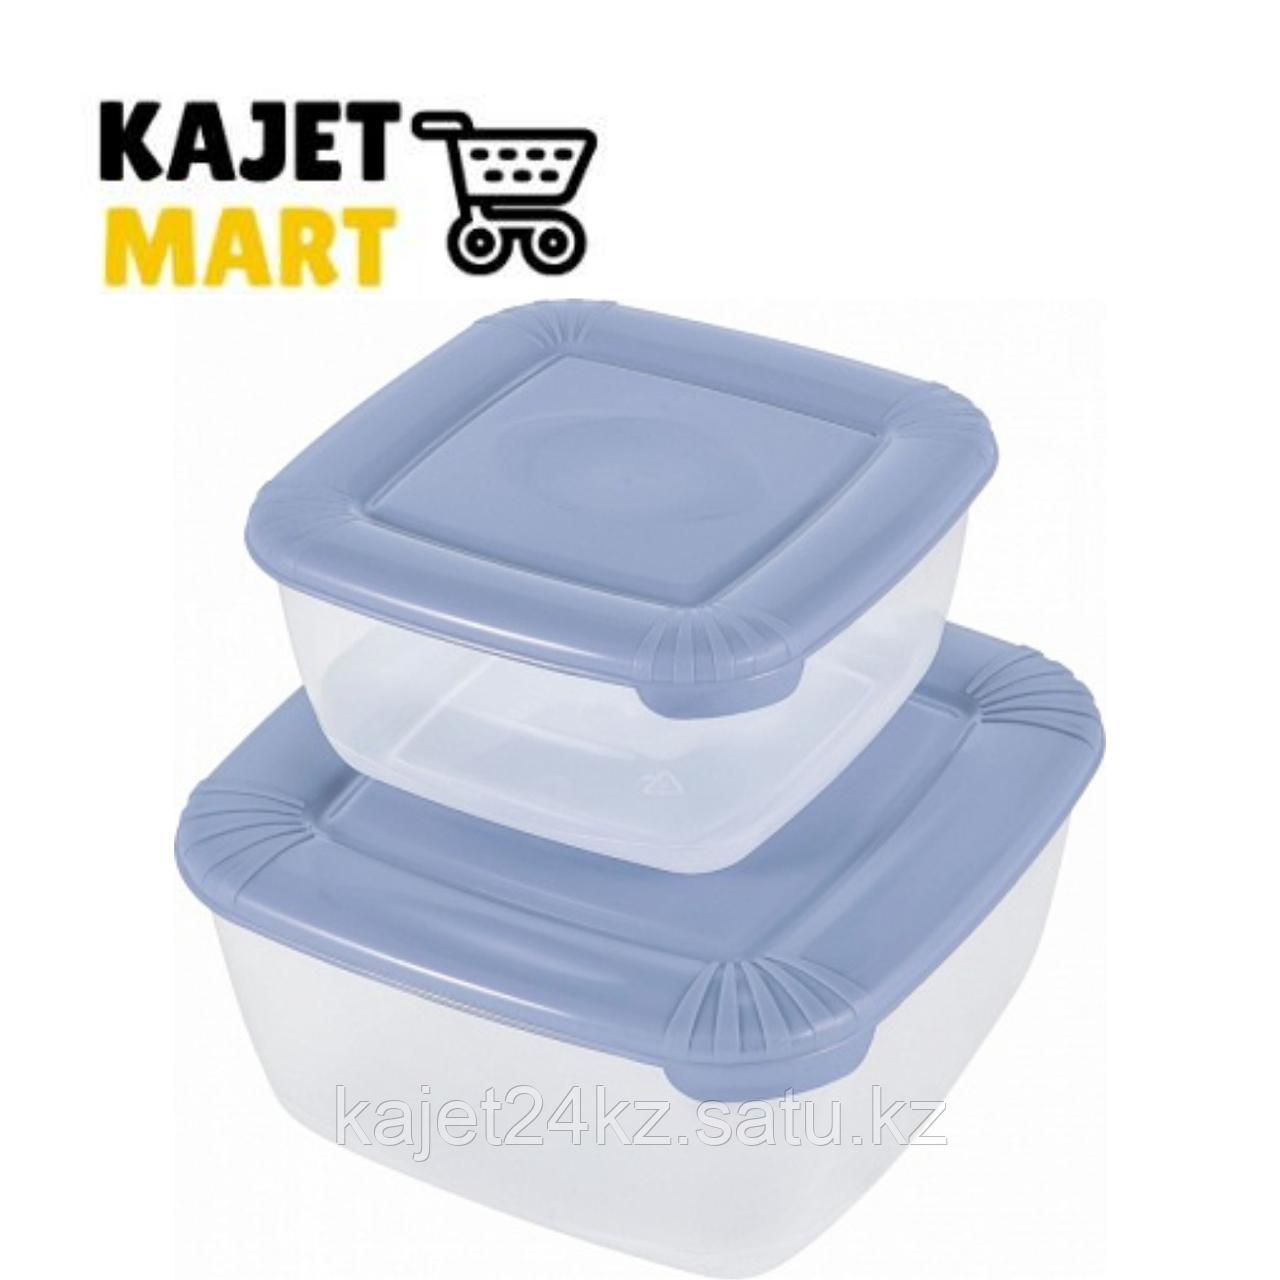 Набор для пищевых продуктов POLAR квадратных 2 шт. (0,46л; 0,95л) туманно-голубой